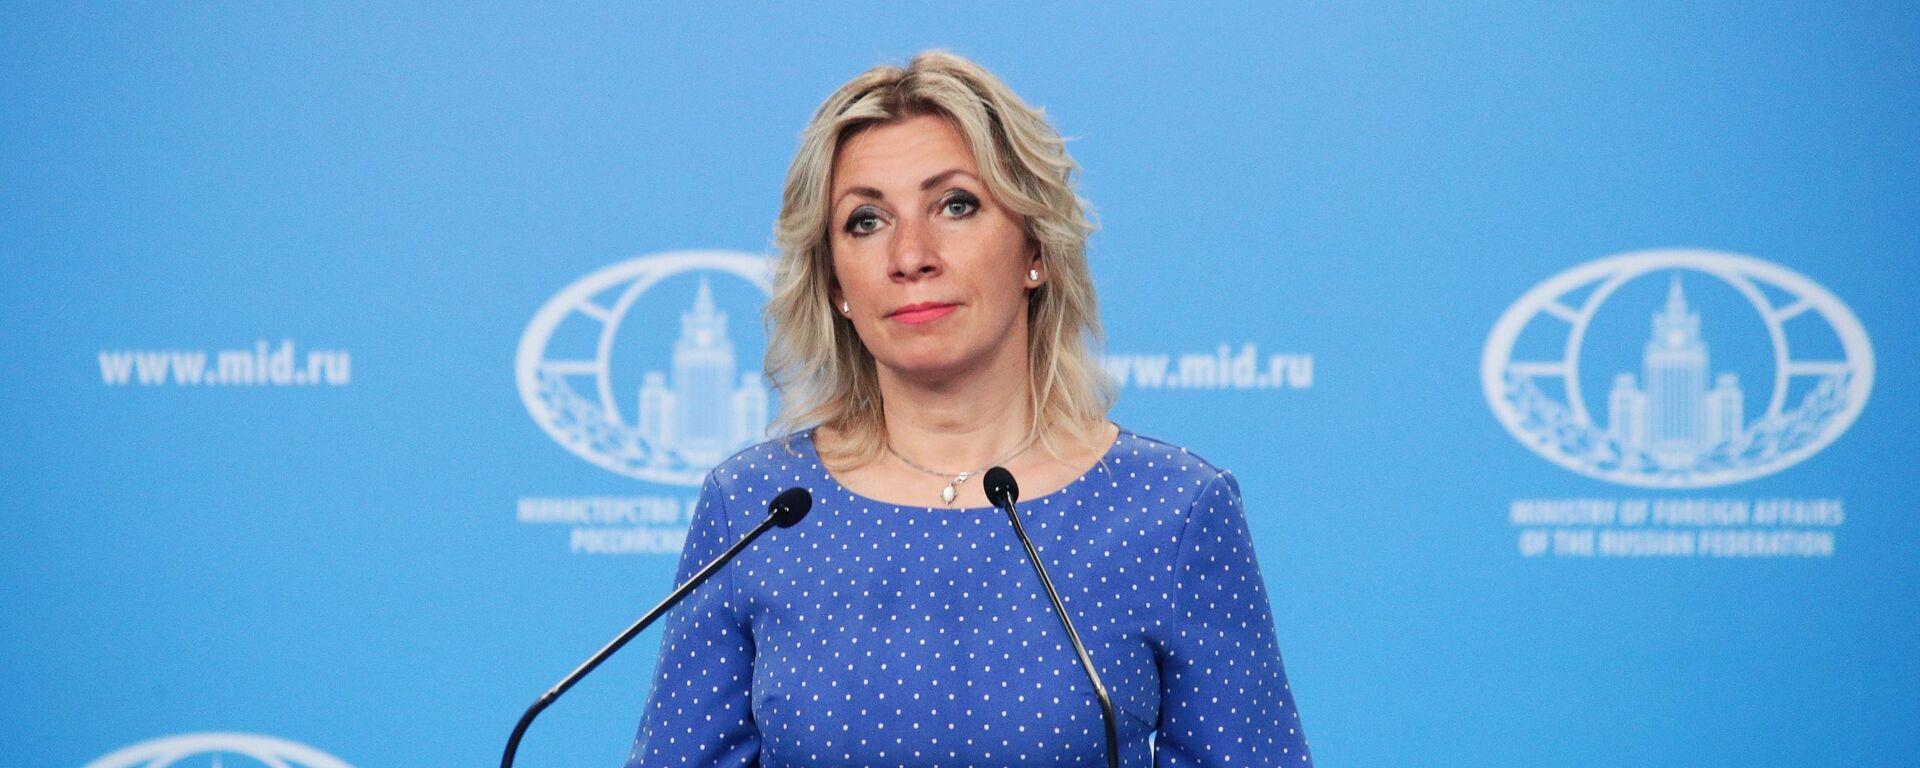 Portparolka Ministarstva spoljnih poslova Rusije Marija Zaharova - Sputnik Srbija, 1920, 16.08.2021